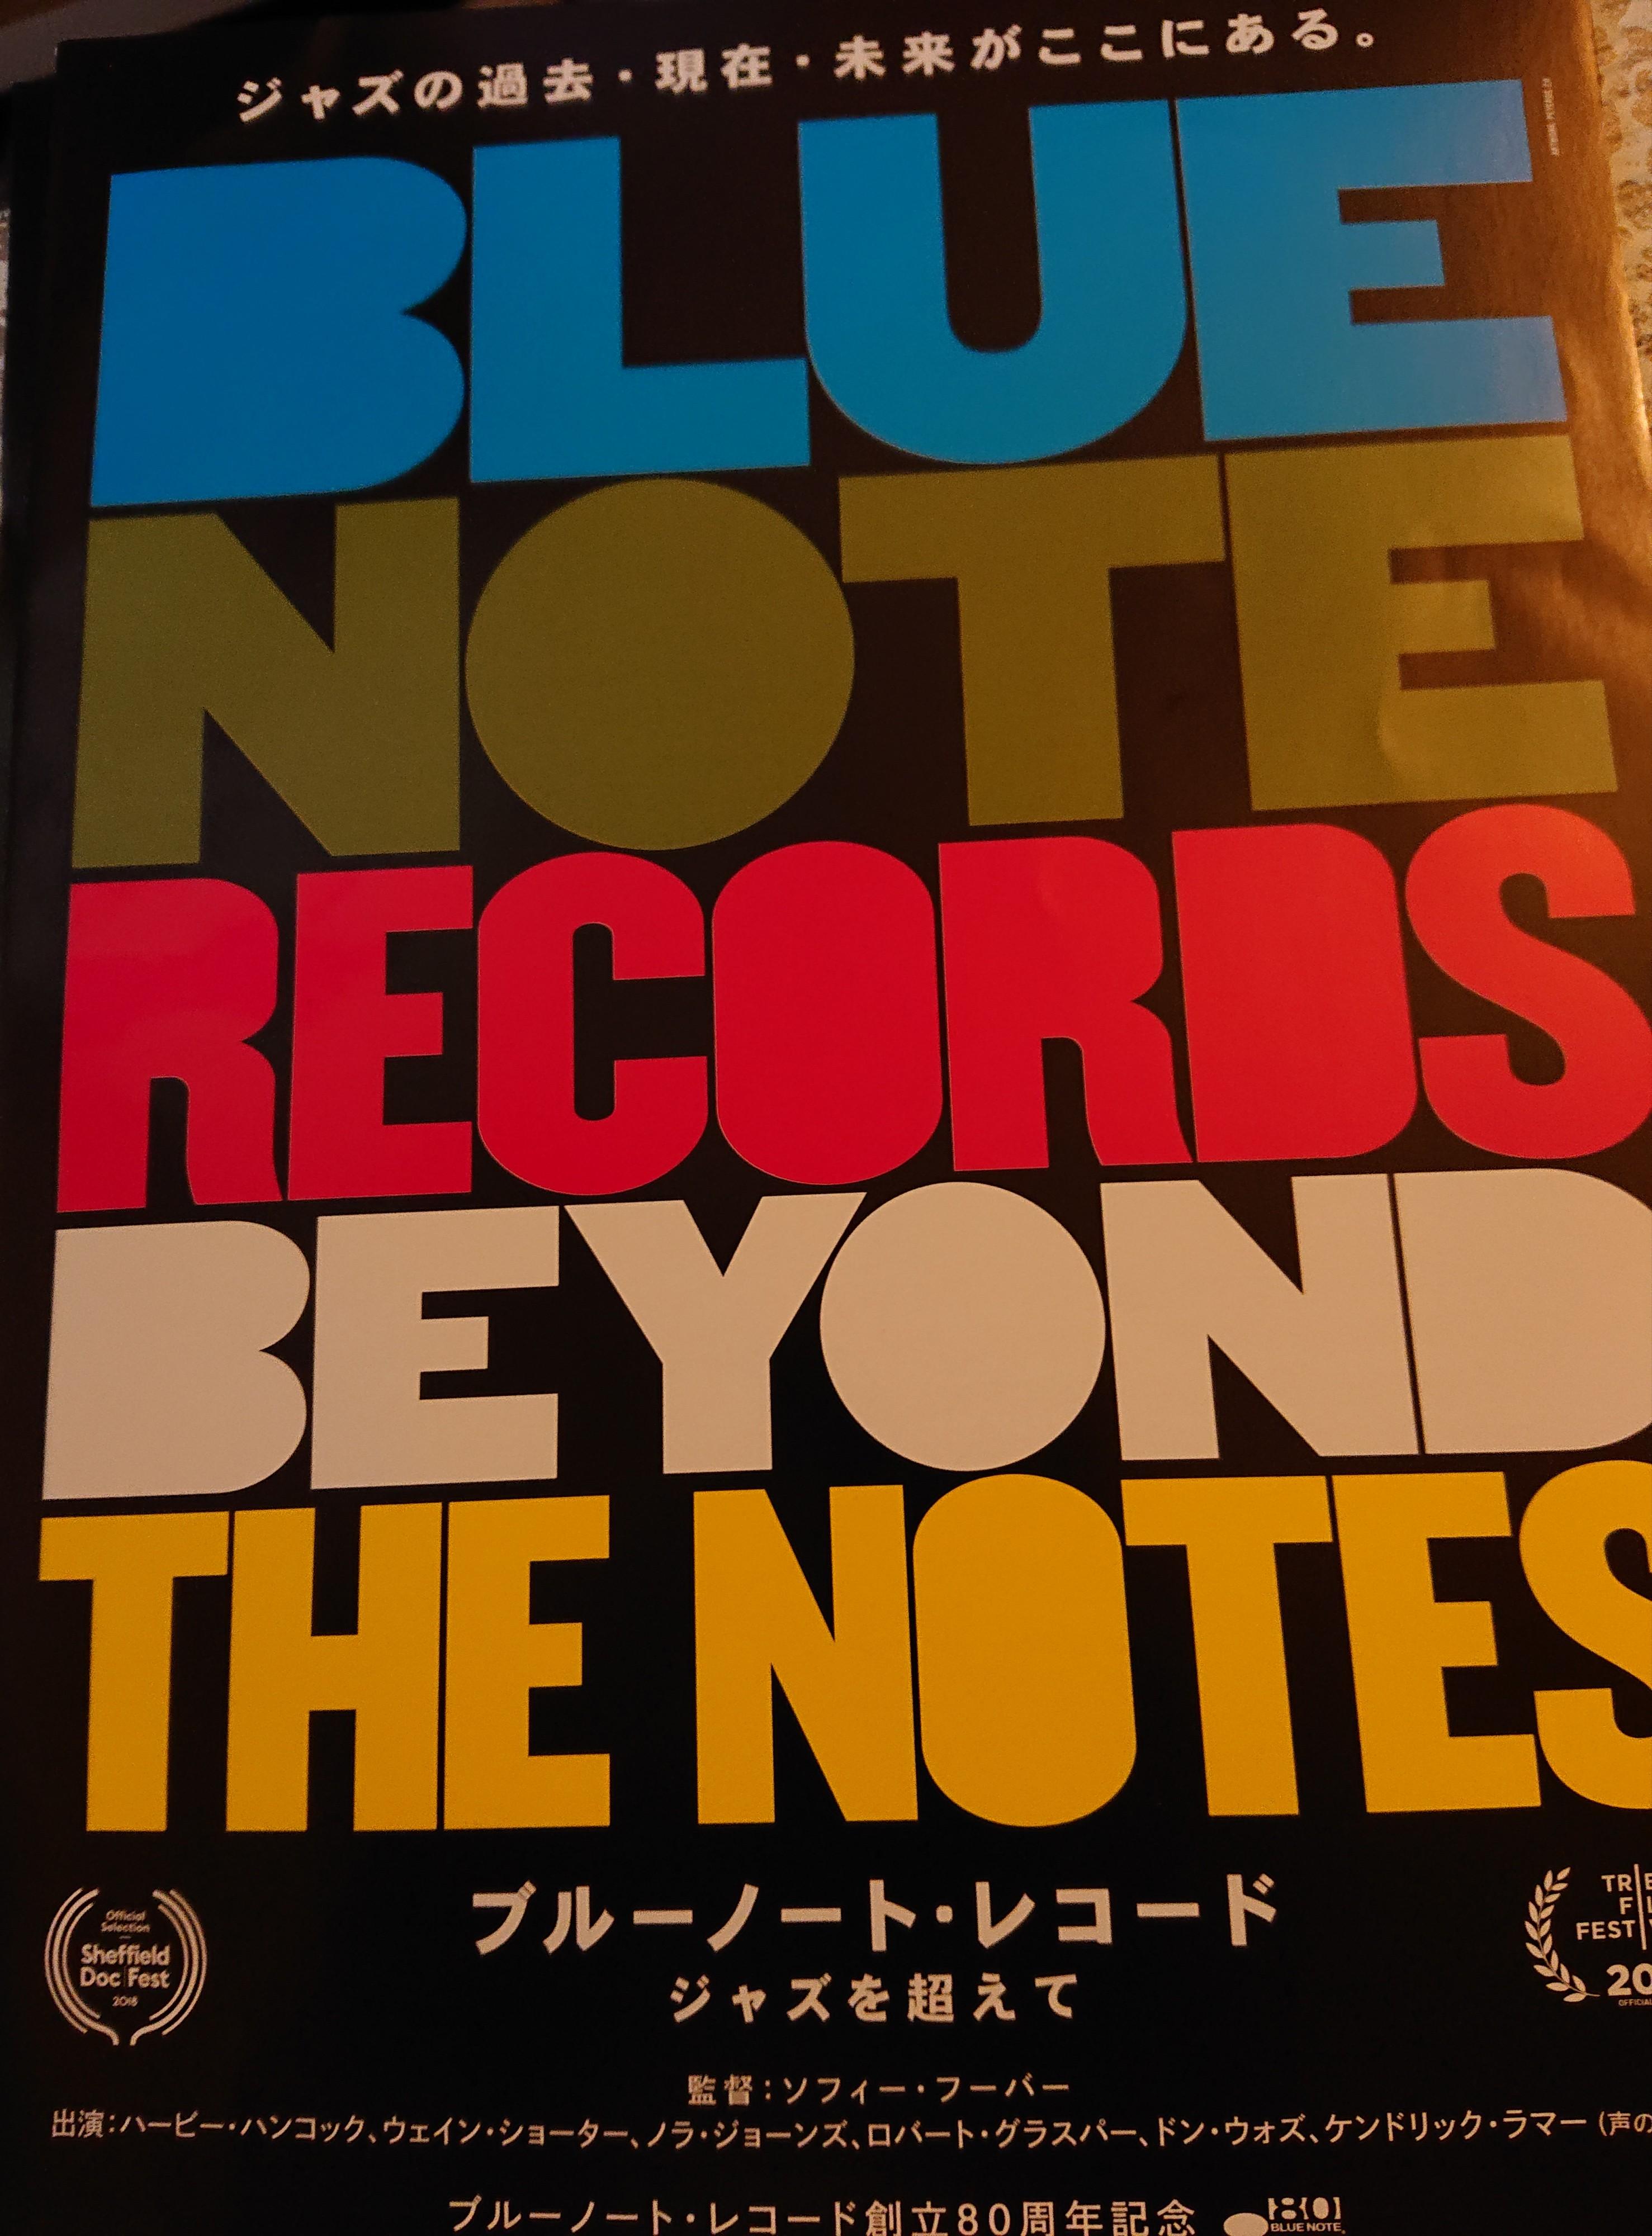 映画 ブルーノート・レコード ジャズを越えて